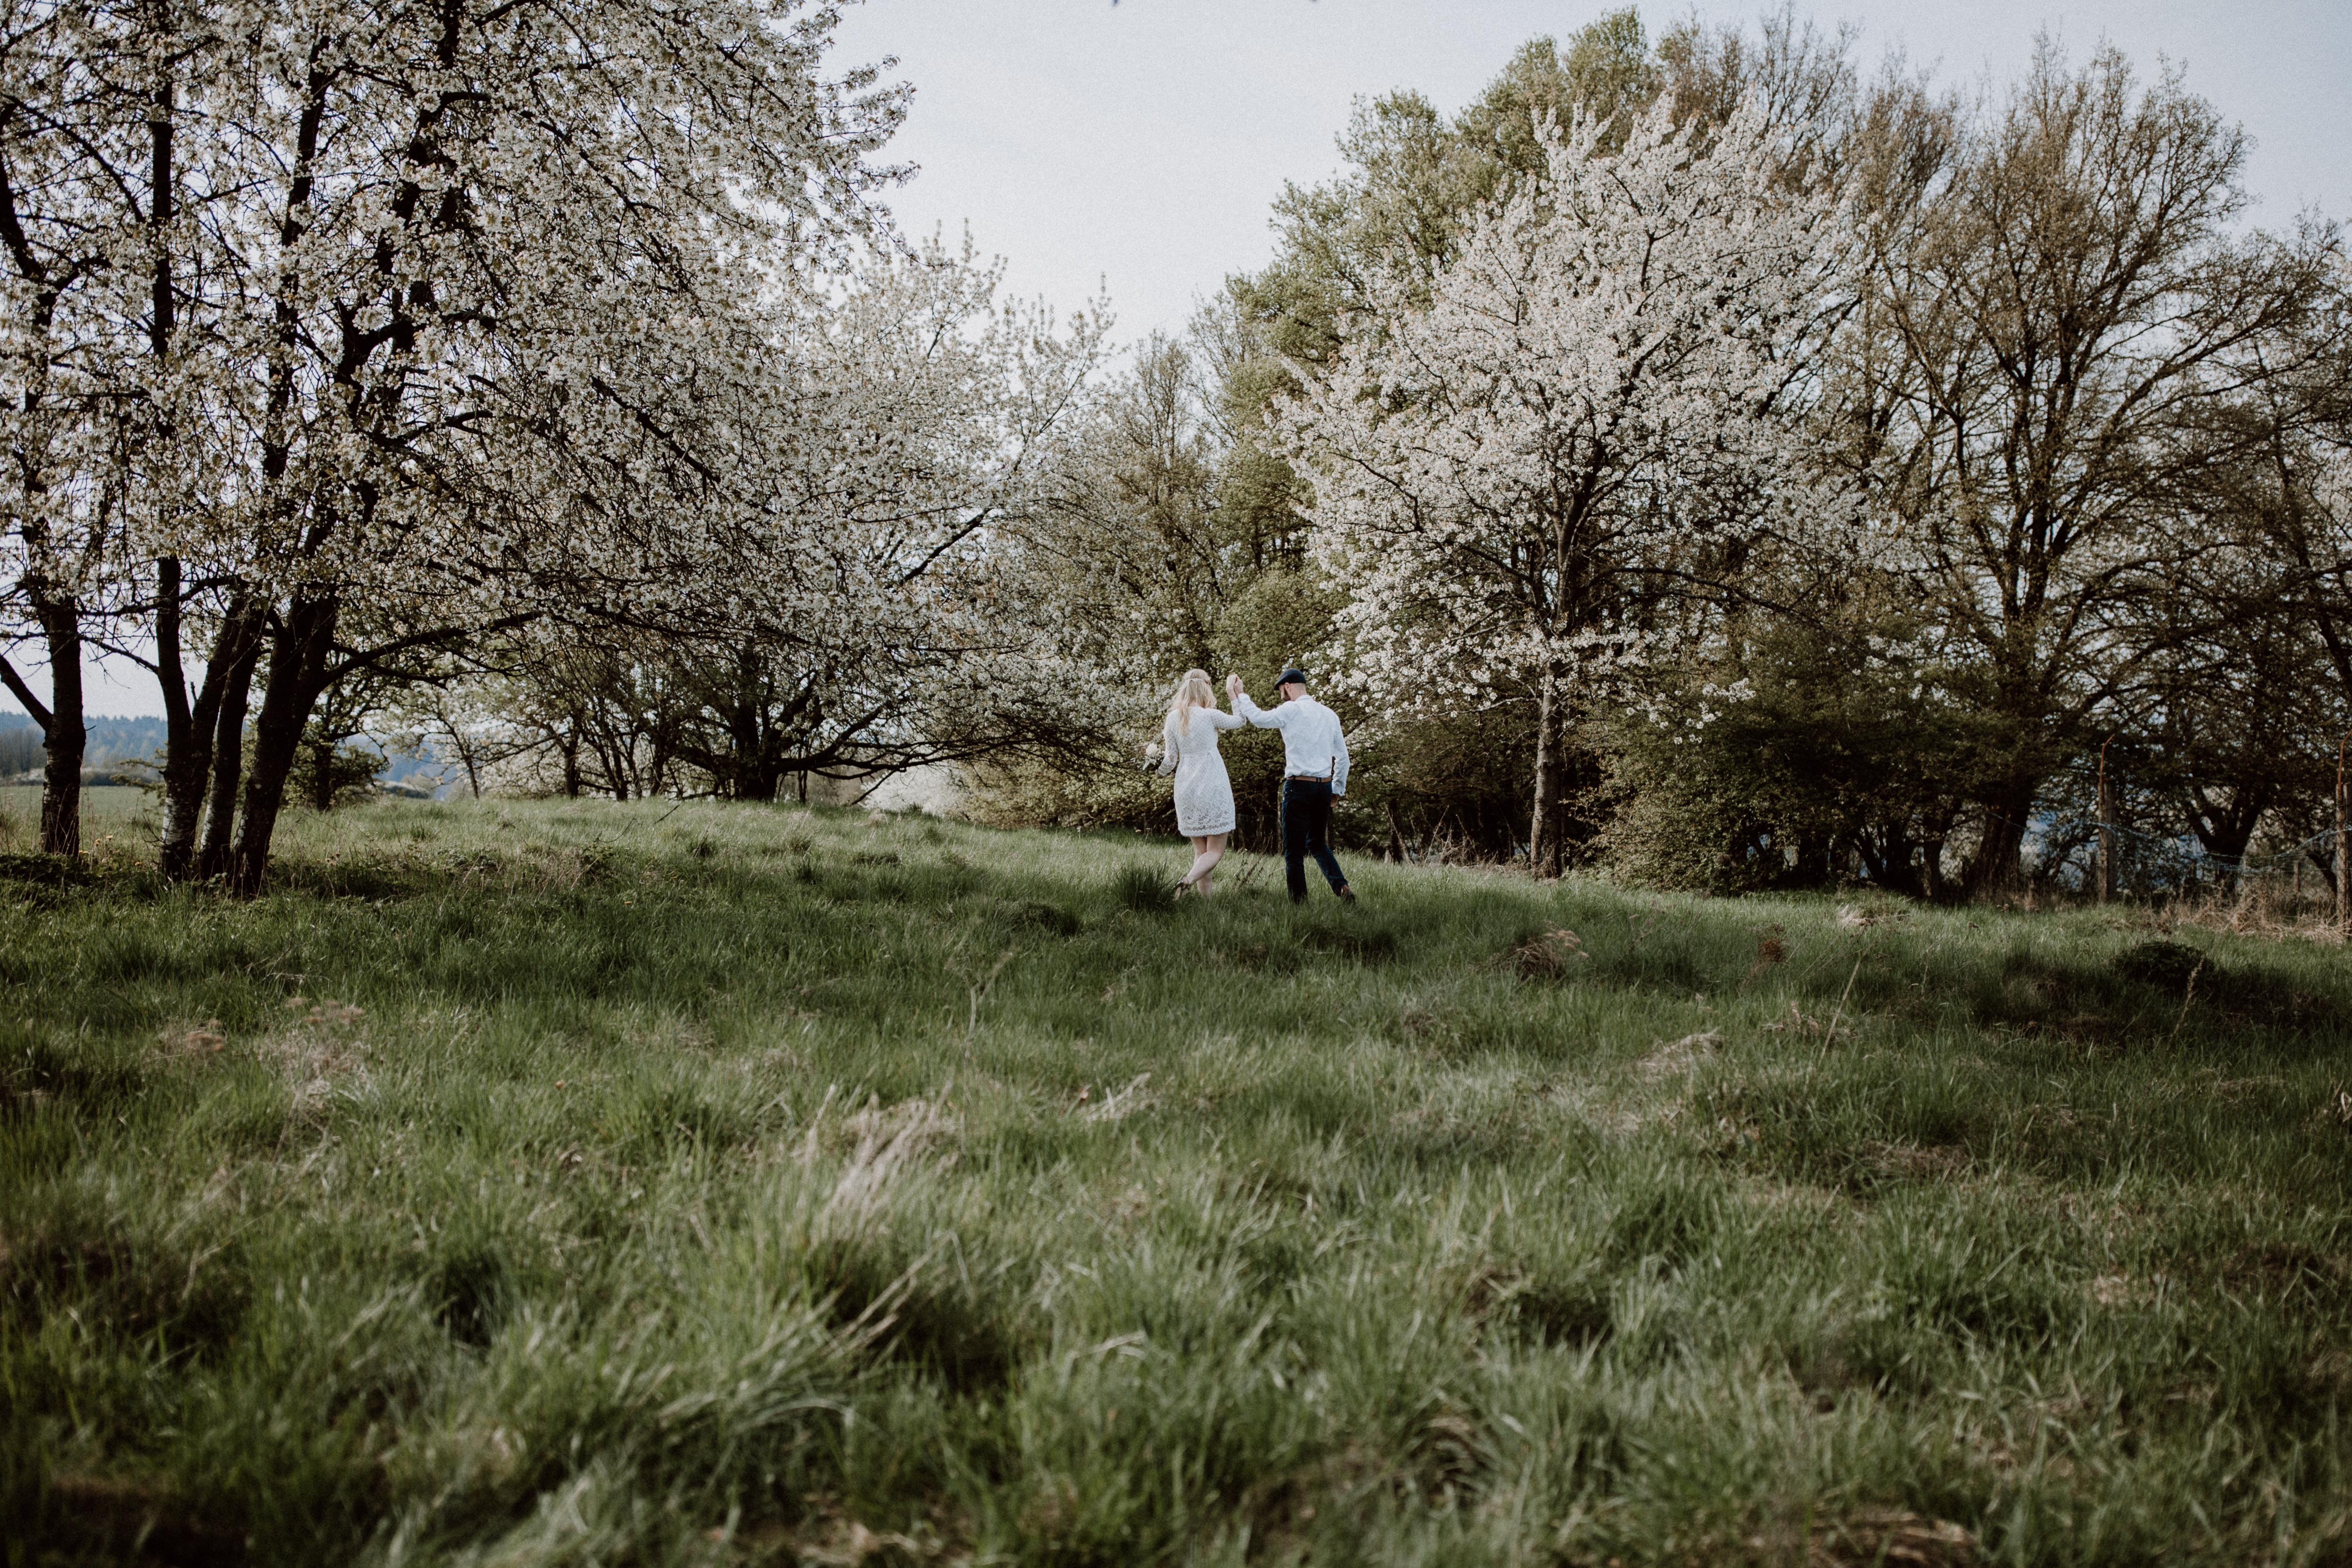 URBANERIE_Daniela_Goth_Hochzeitsfotografin_Nürnberg_Fürth_Erlangen_Schwabach_170415_001_0011